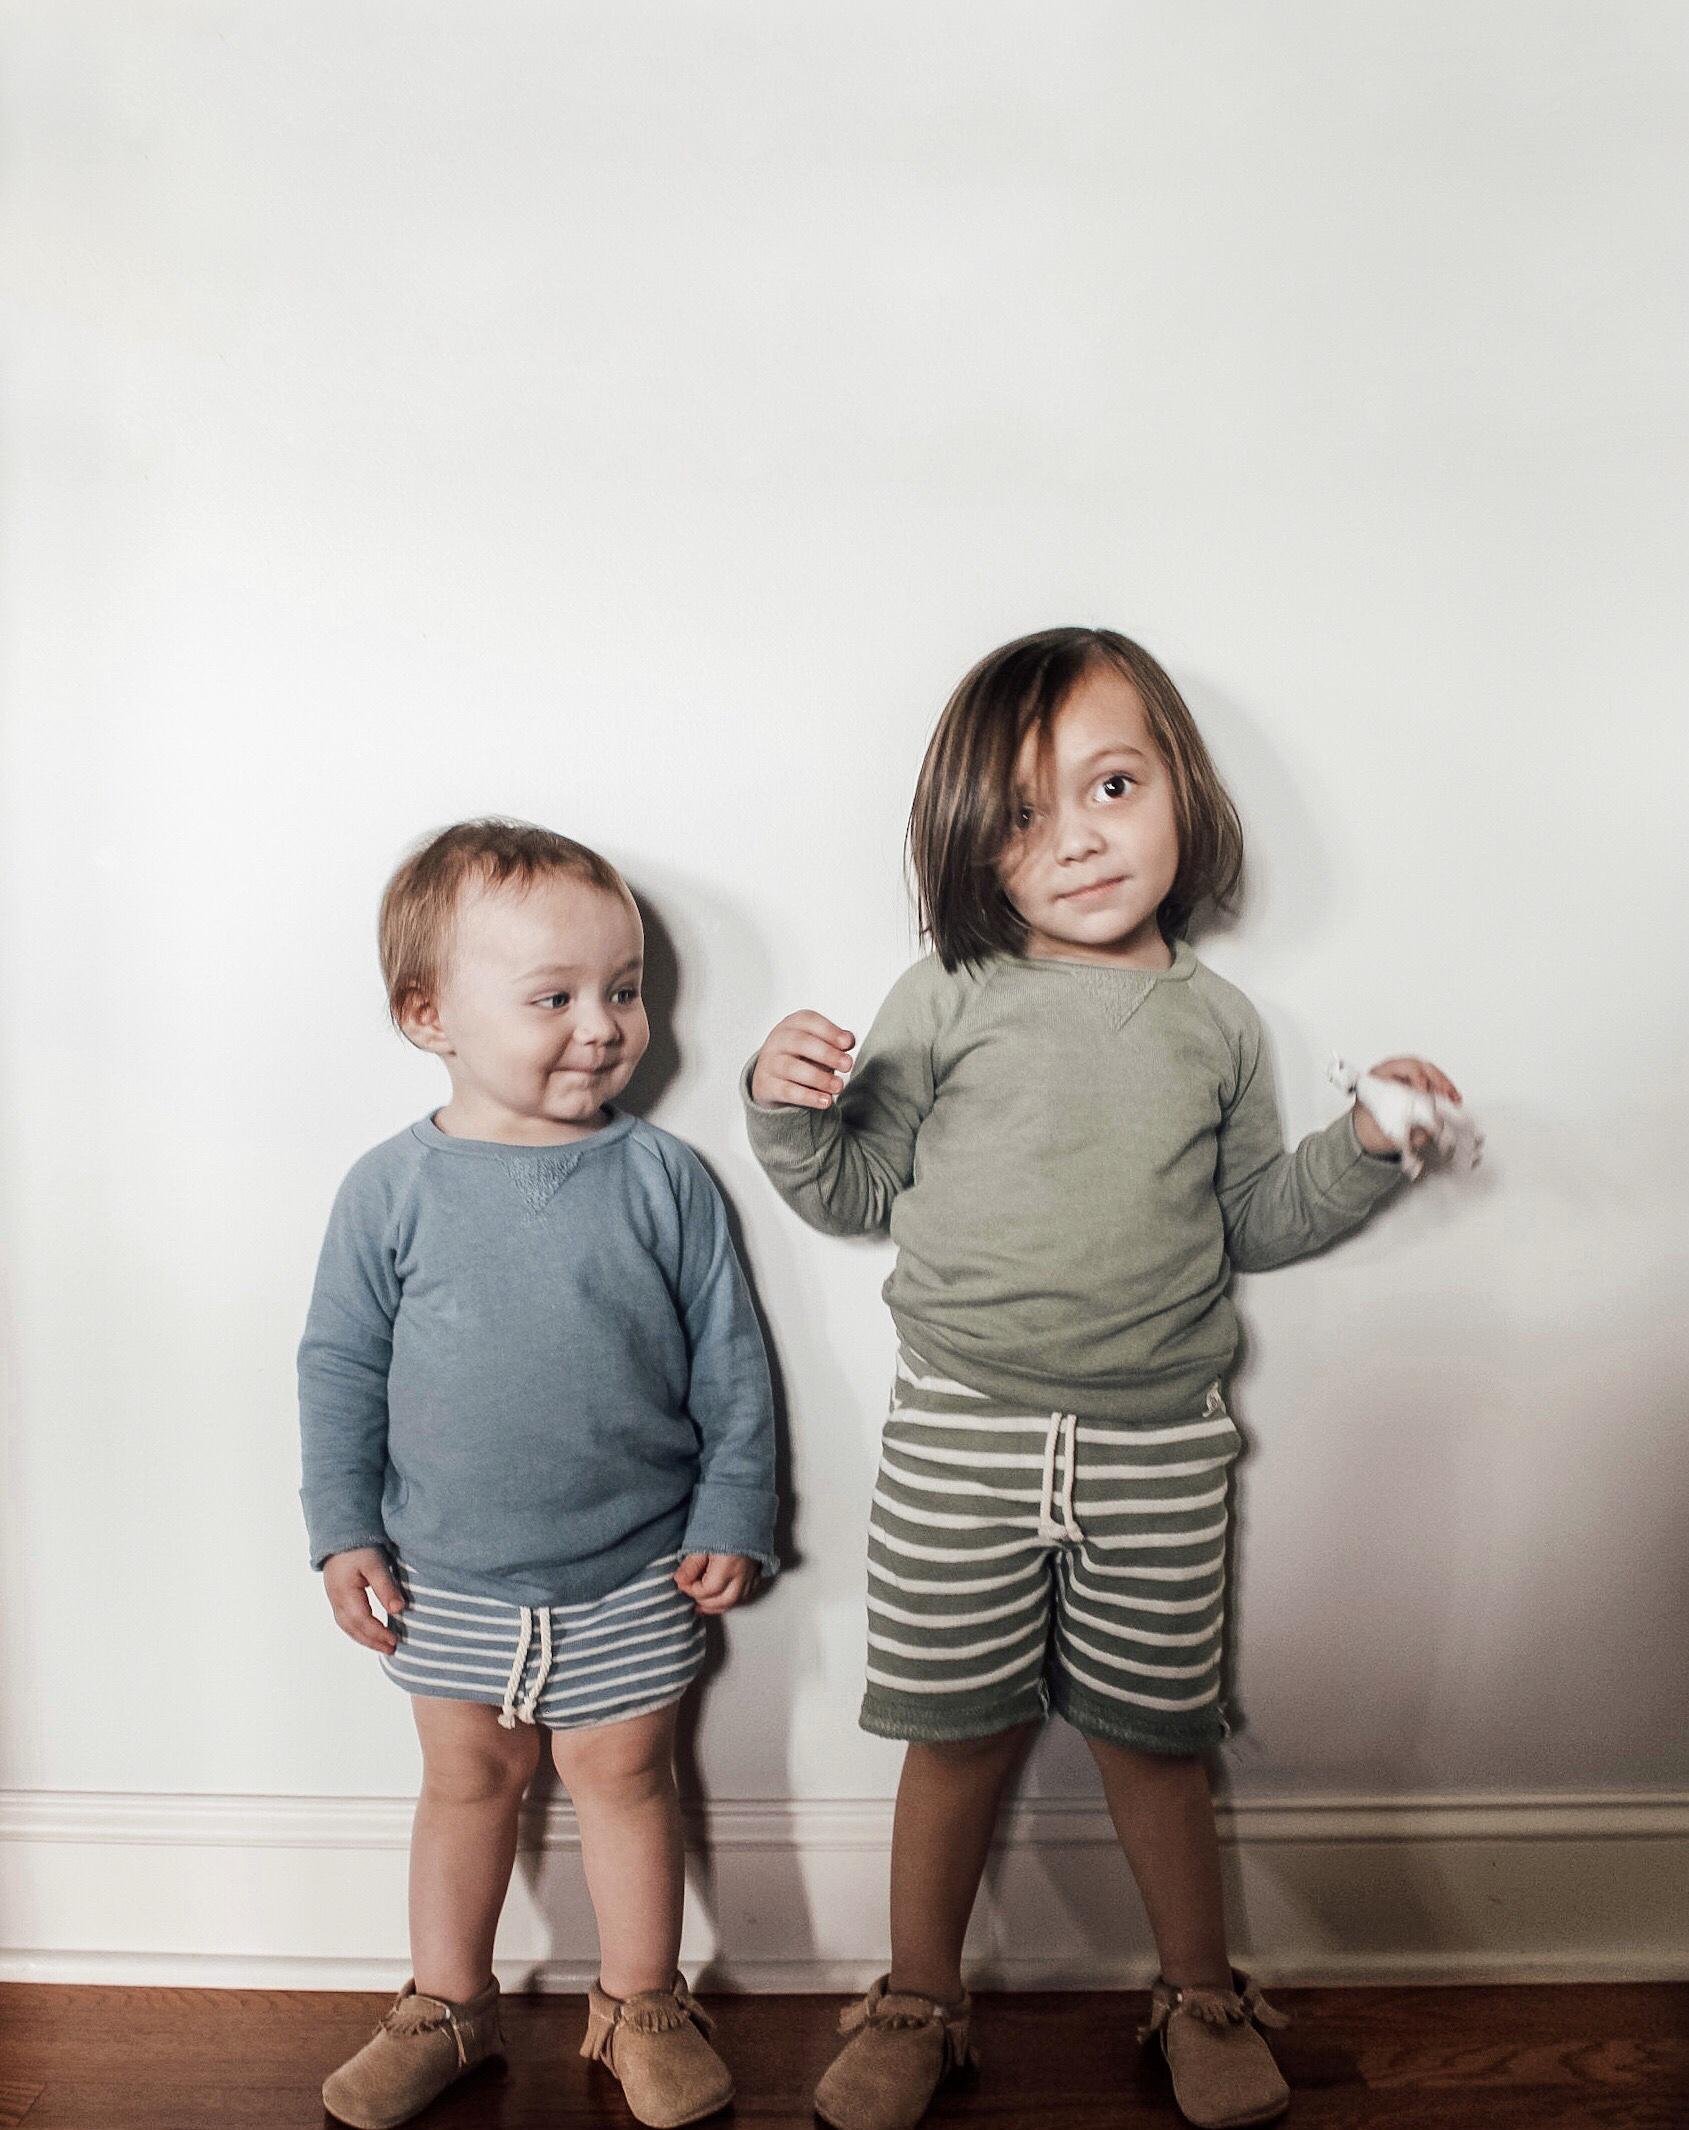 Hudson: L+R Carolina blue striped shorties and crew sweatshirt//Finn: L+R Juniper striped boy shorts and crew sweatshirt